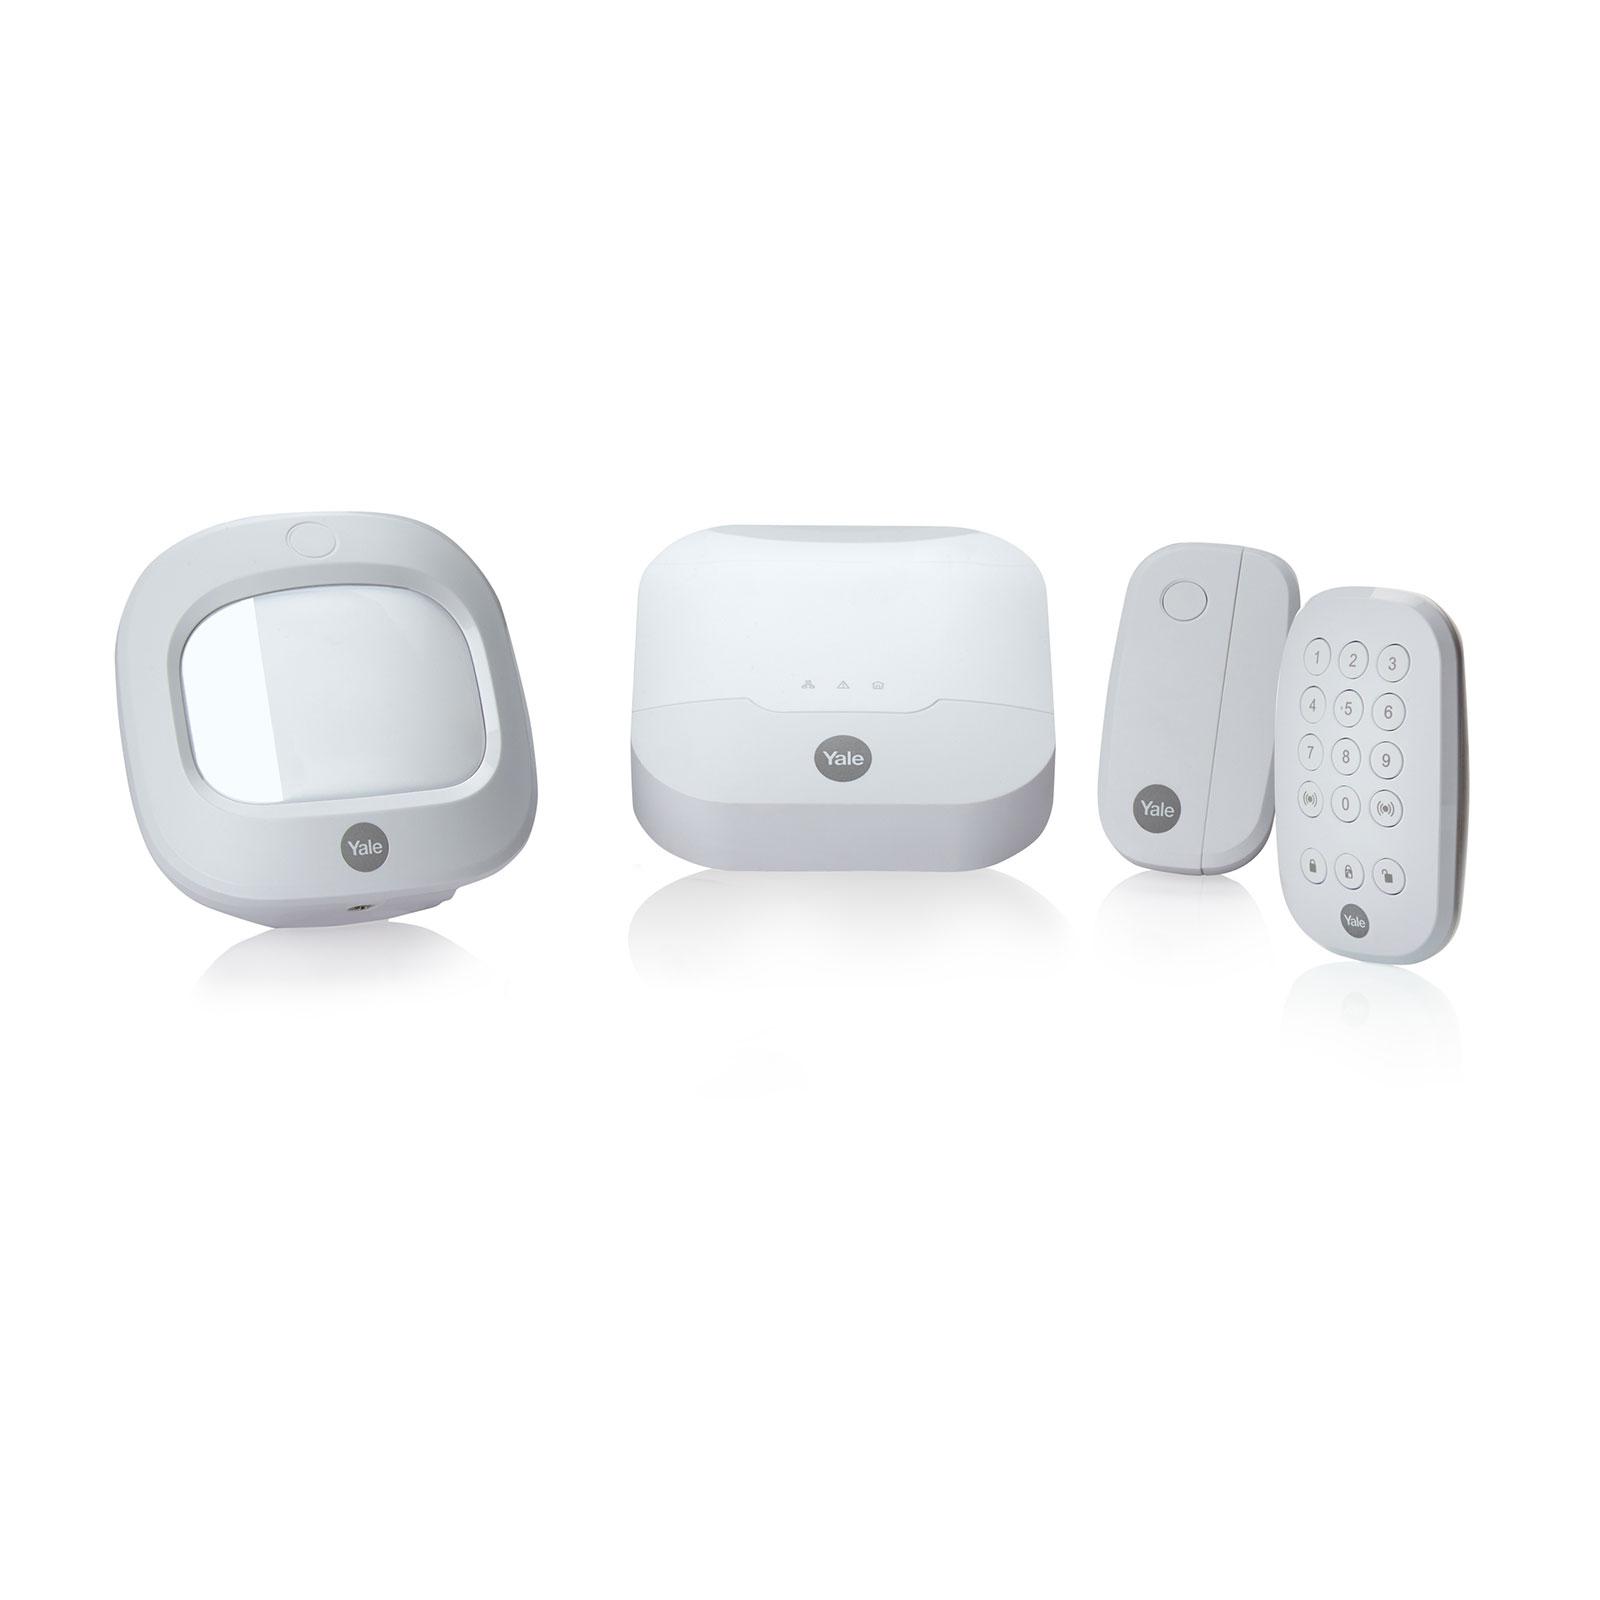 Yale Sync Starter Kit Alarmsystem